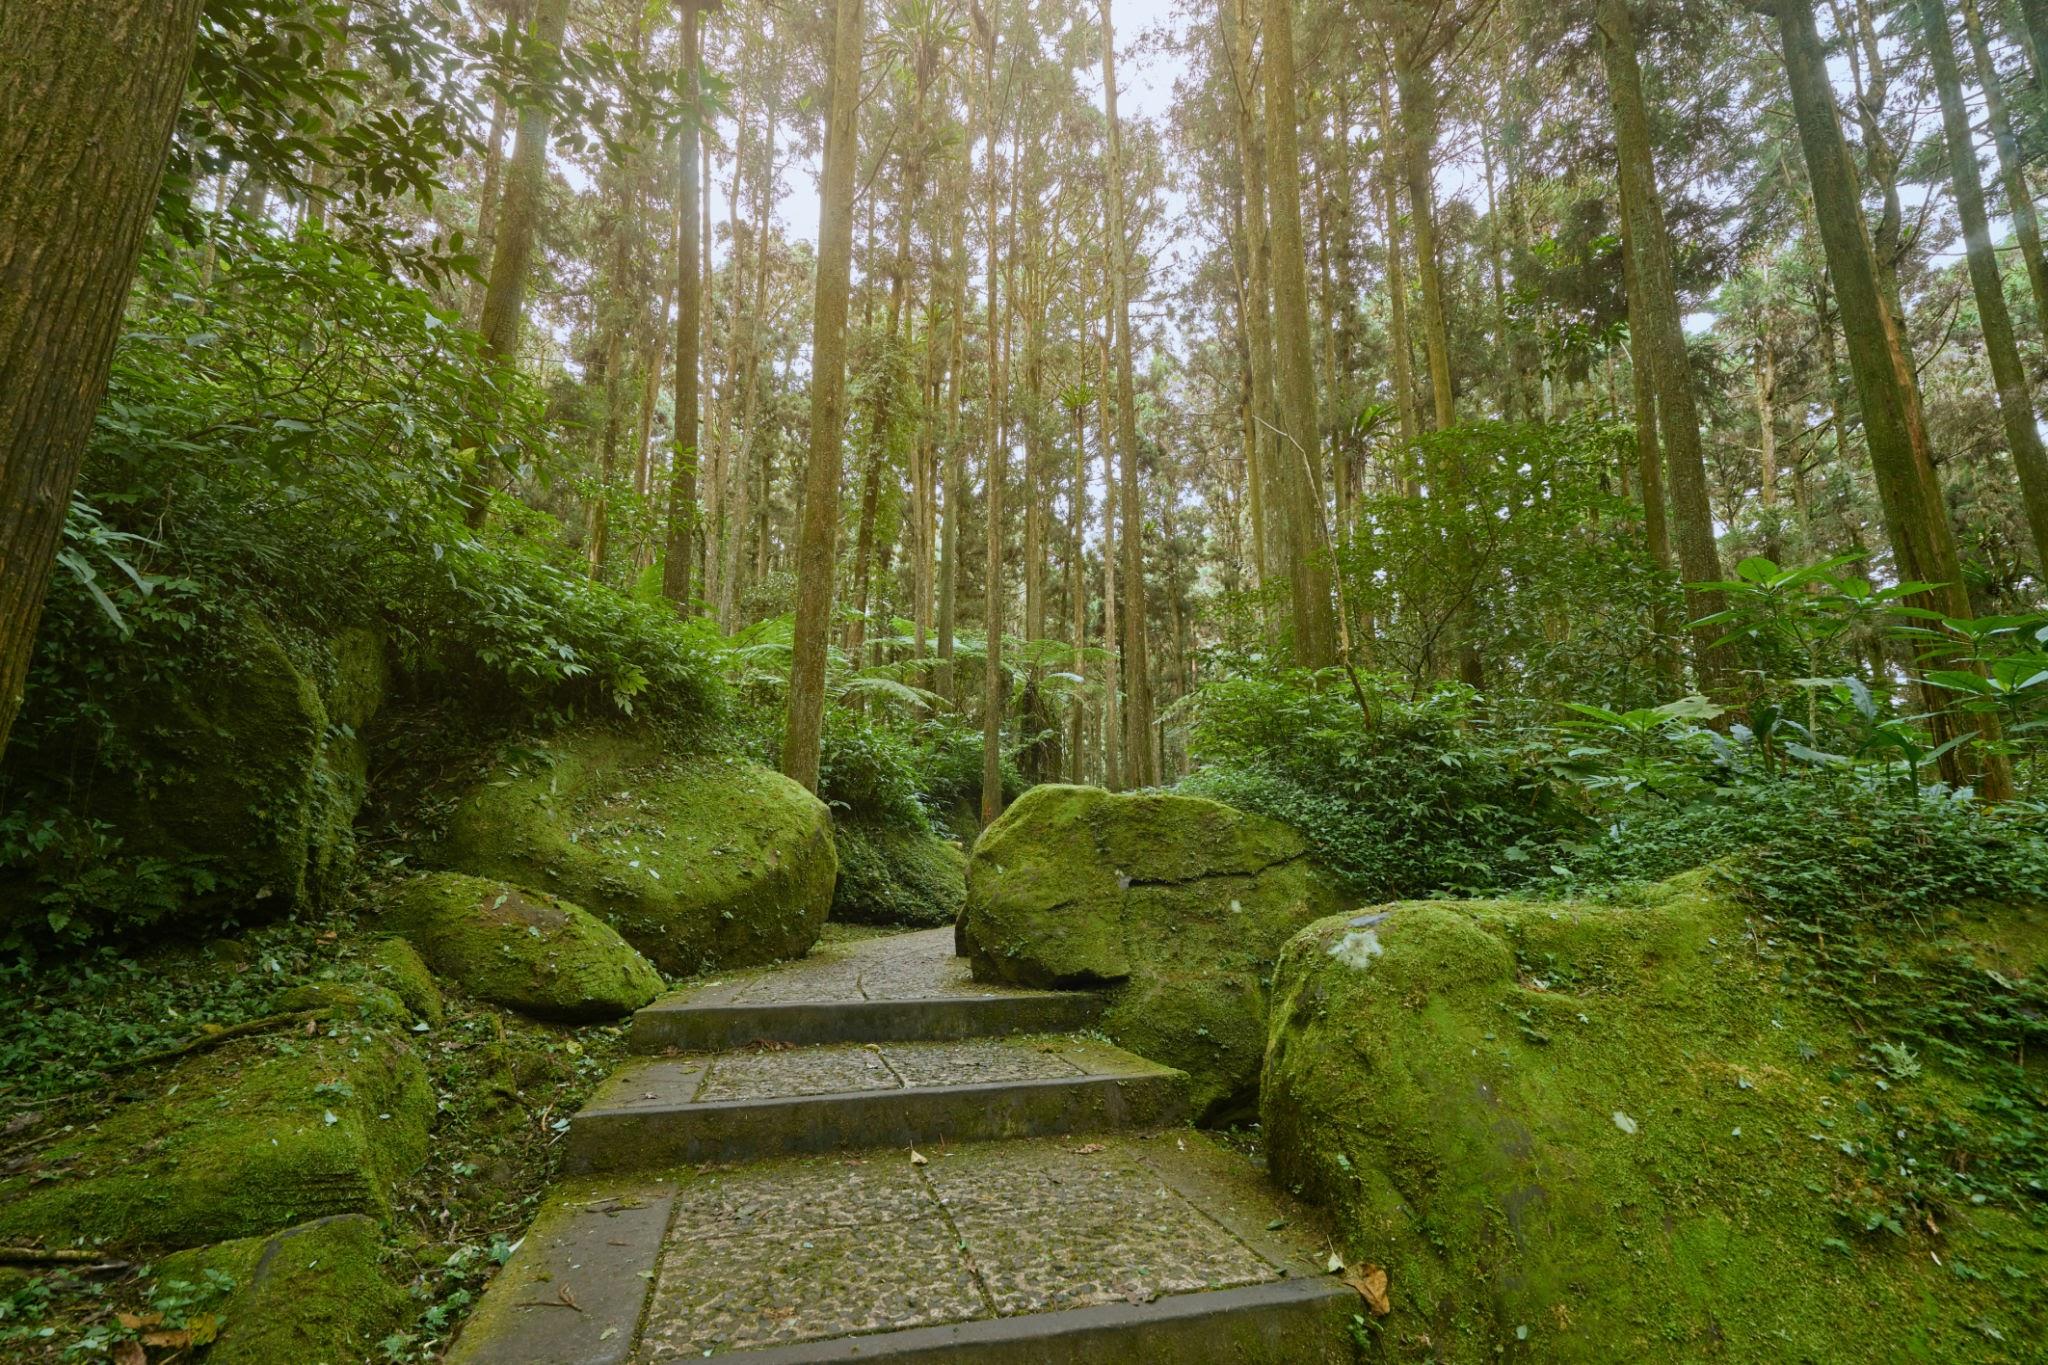 Xitou Nature Education Area